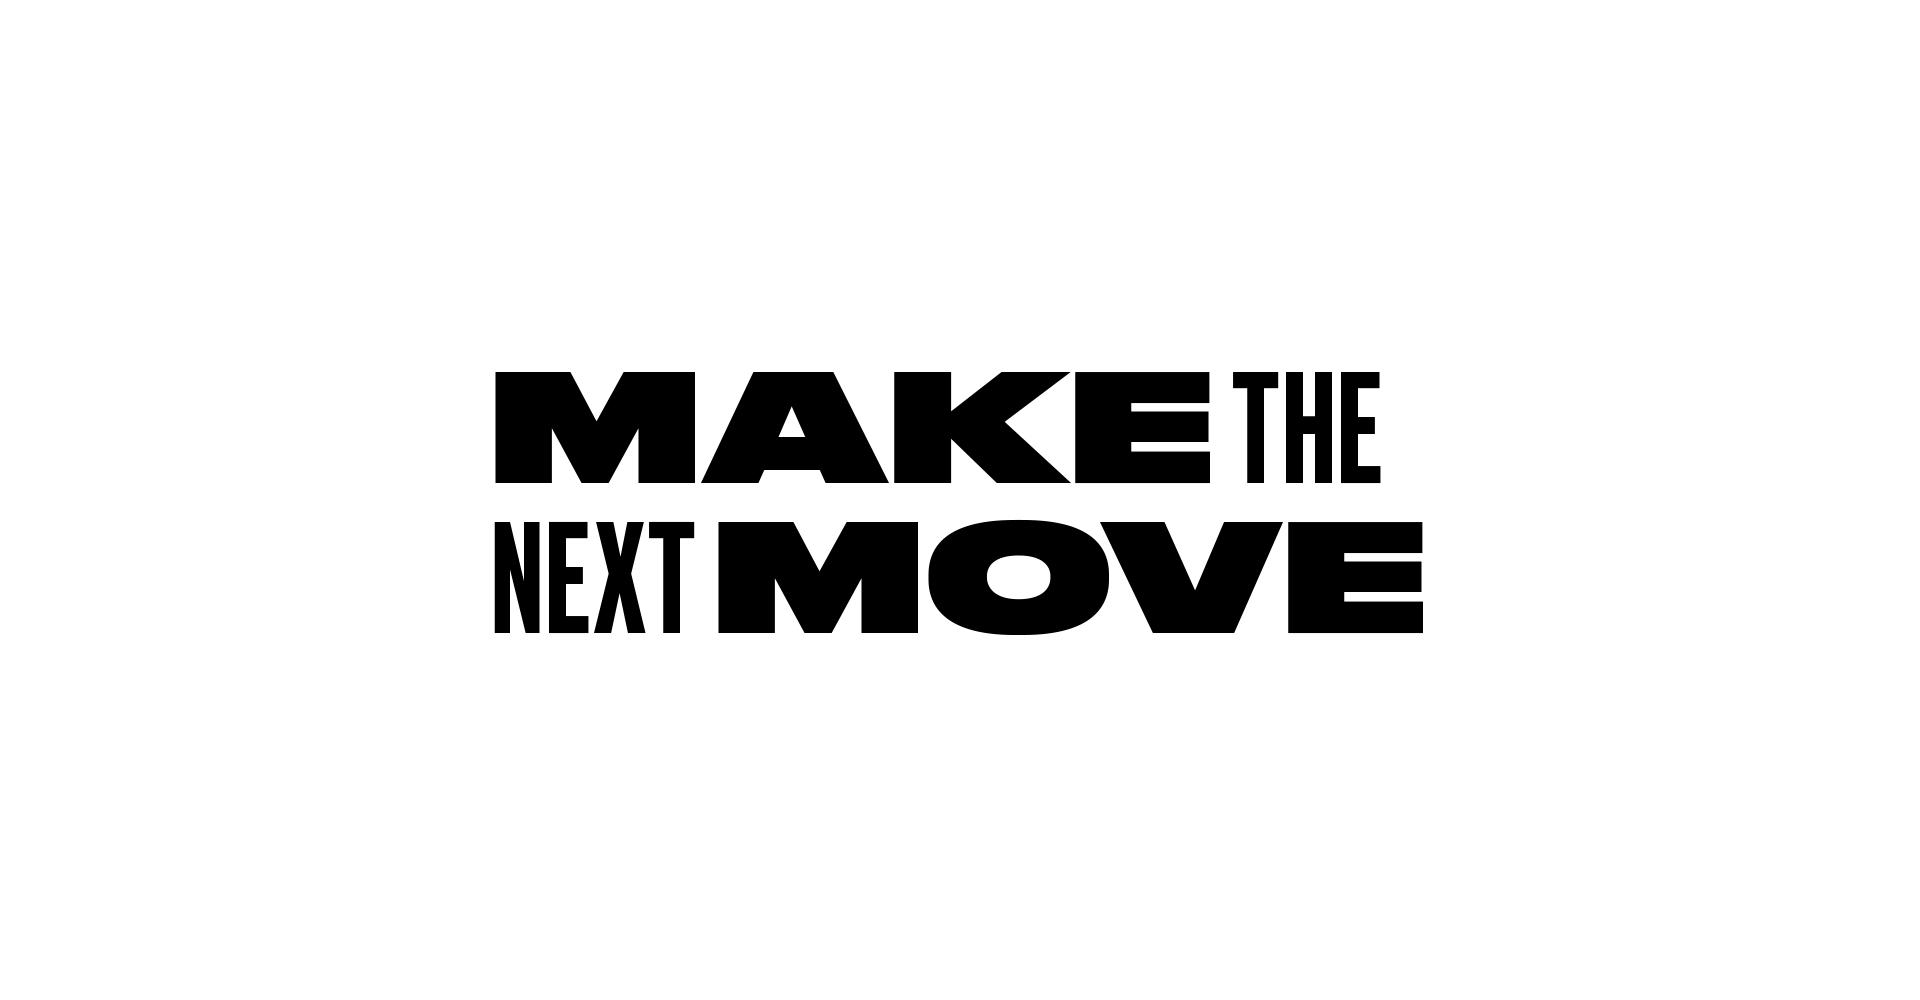 MakeTheNextMove-BW-1.png